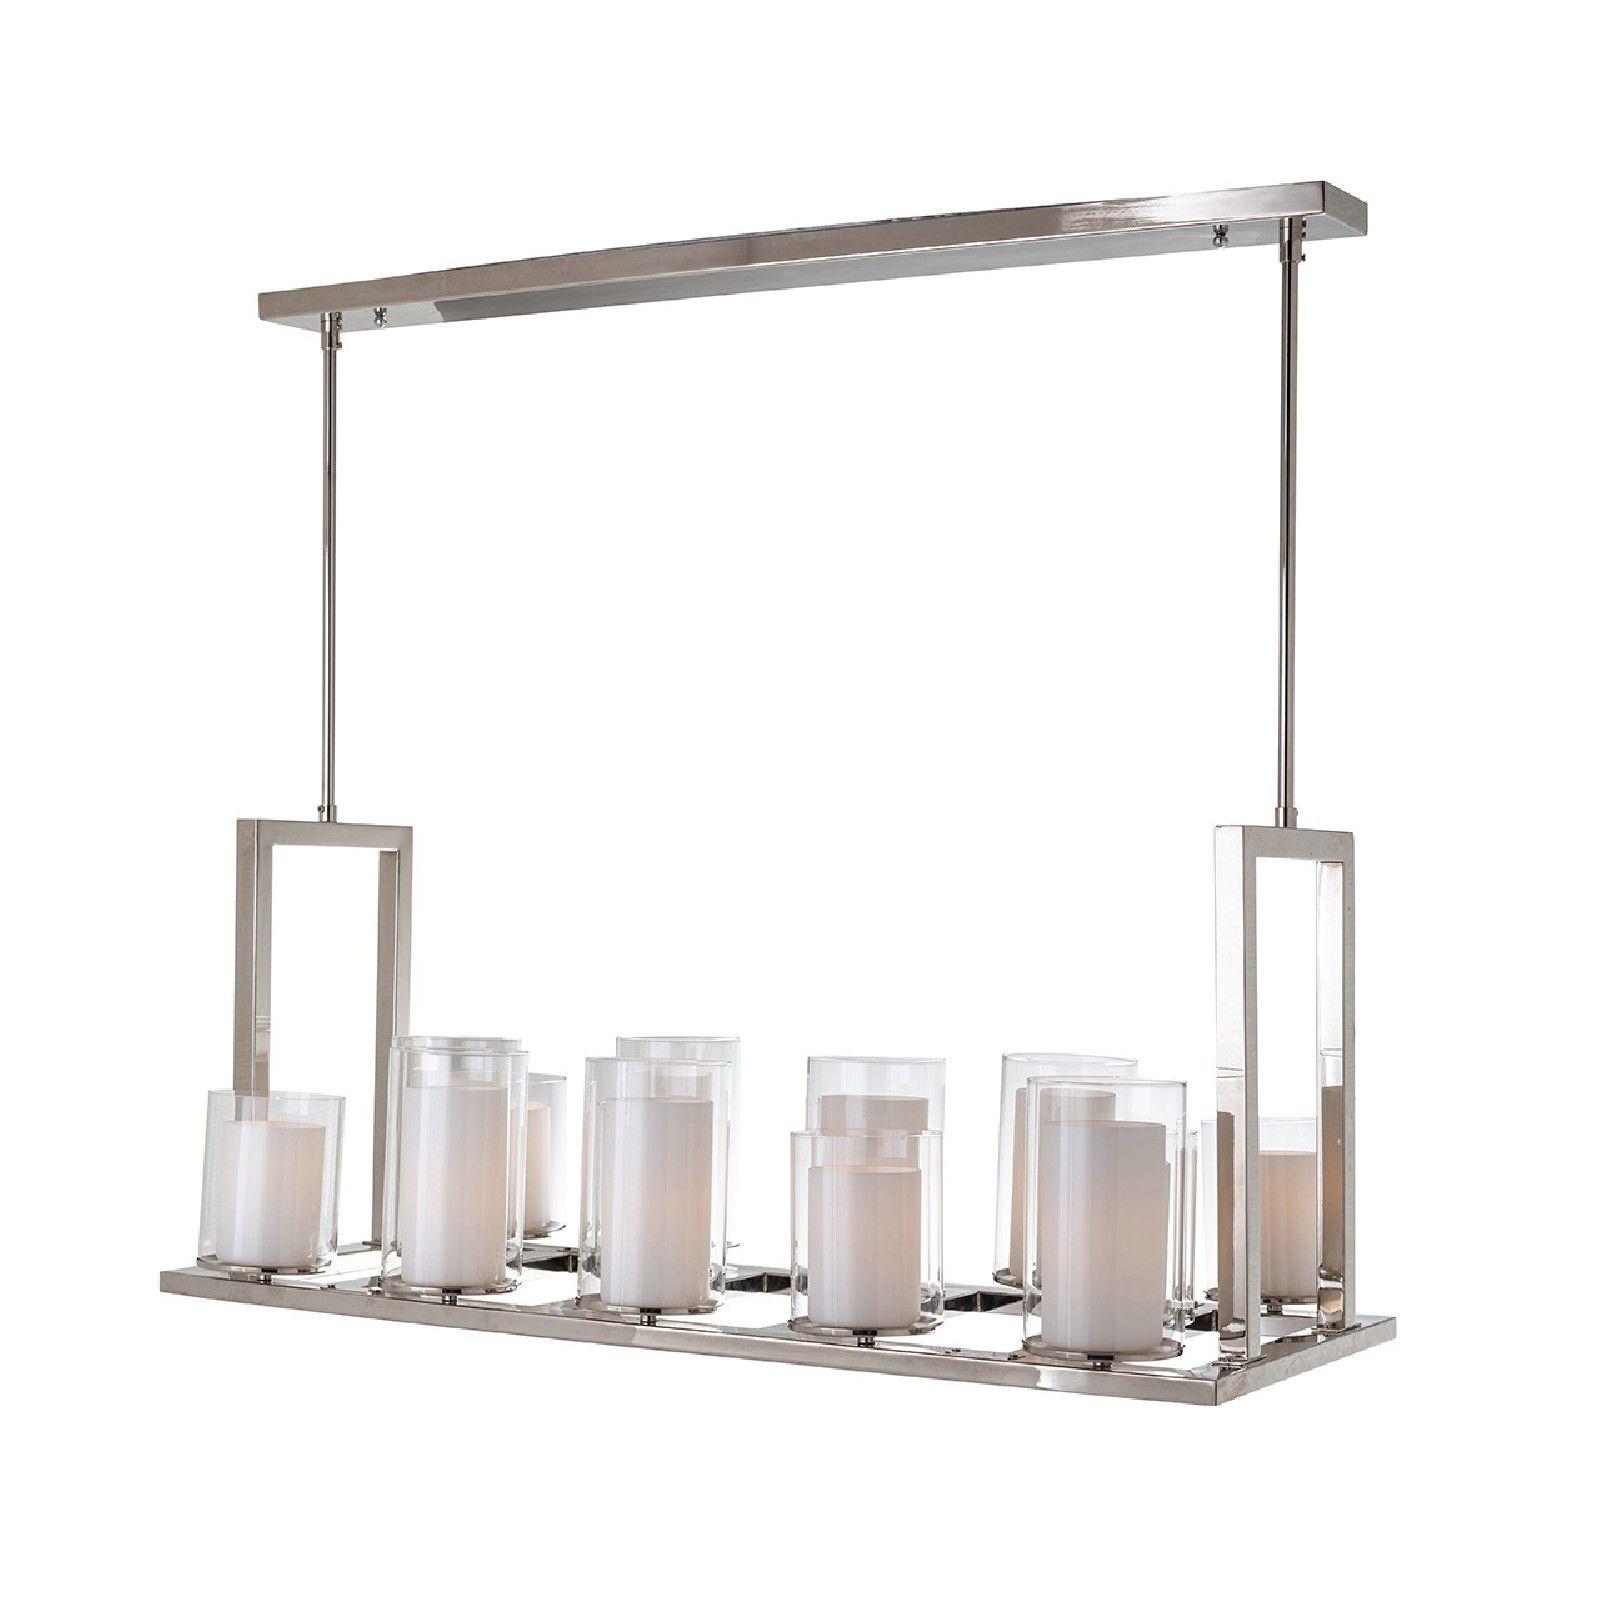 Lampe suspendue Naila avec 14 bougeoirsE27 / 40 watt (14 pieces) Suspensions et plafonniers - 7